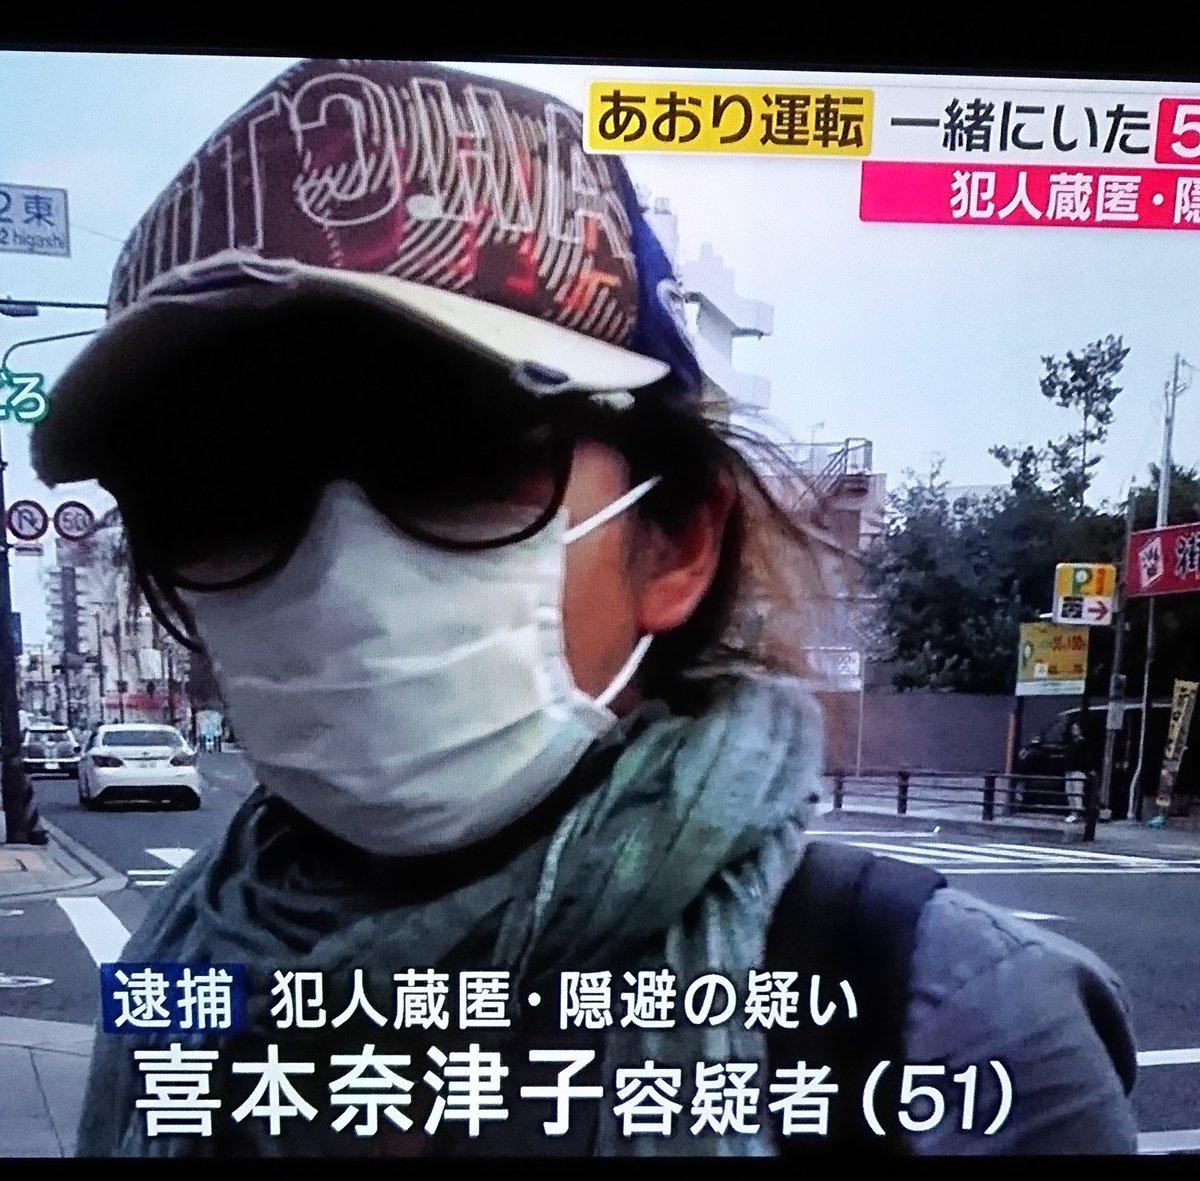 ハゲ 喜本奈津子